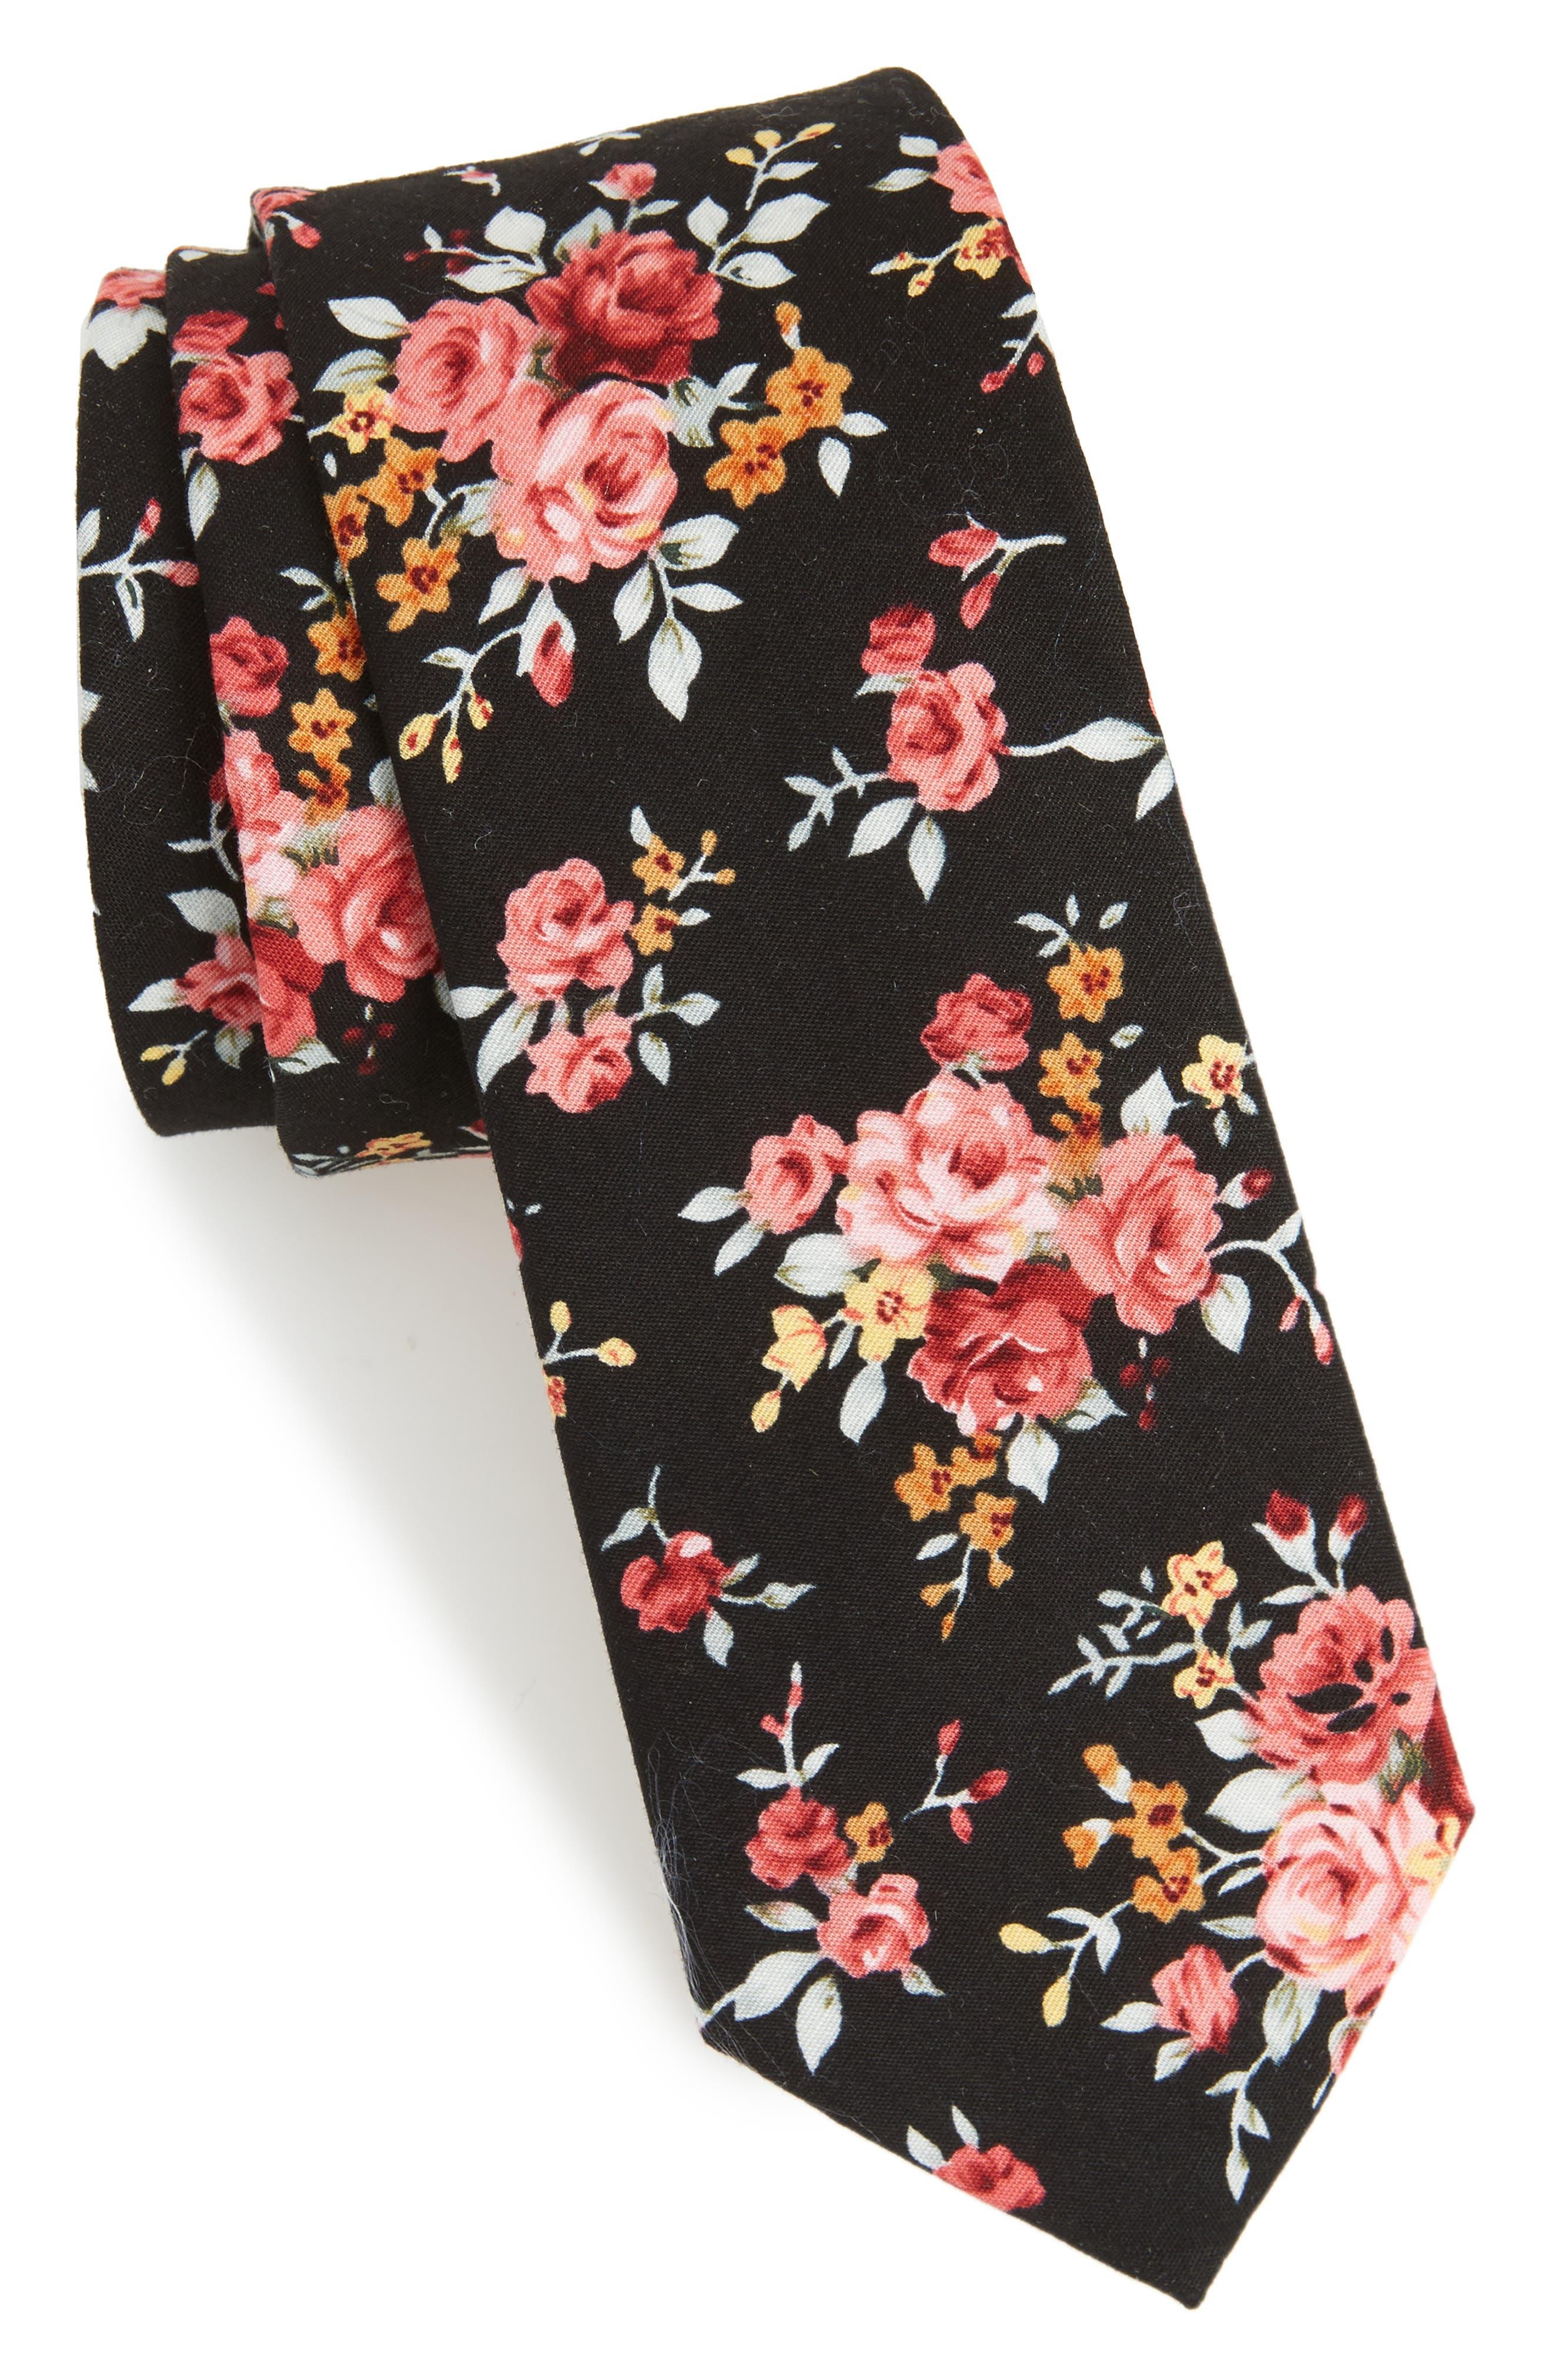 Knapp Floral Cotton Tie,                             Main thumbnail 1, color,                             001